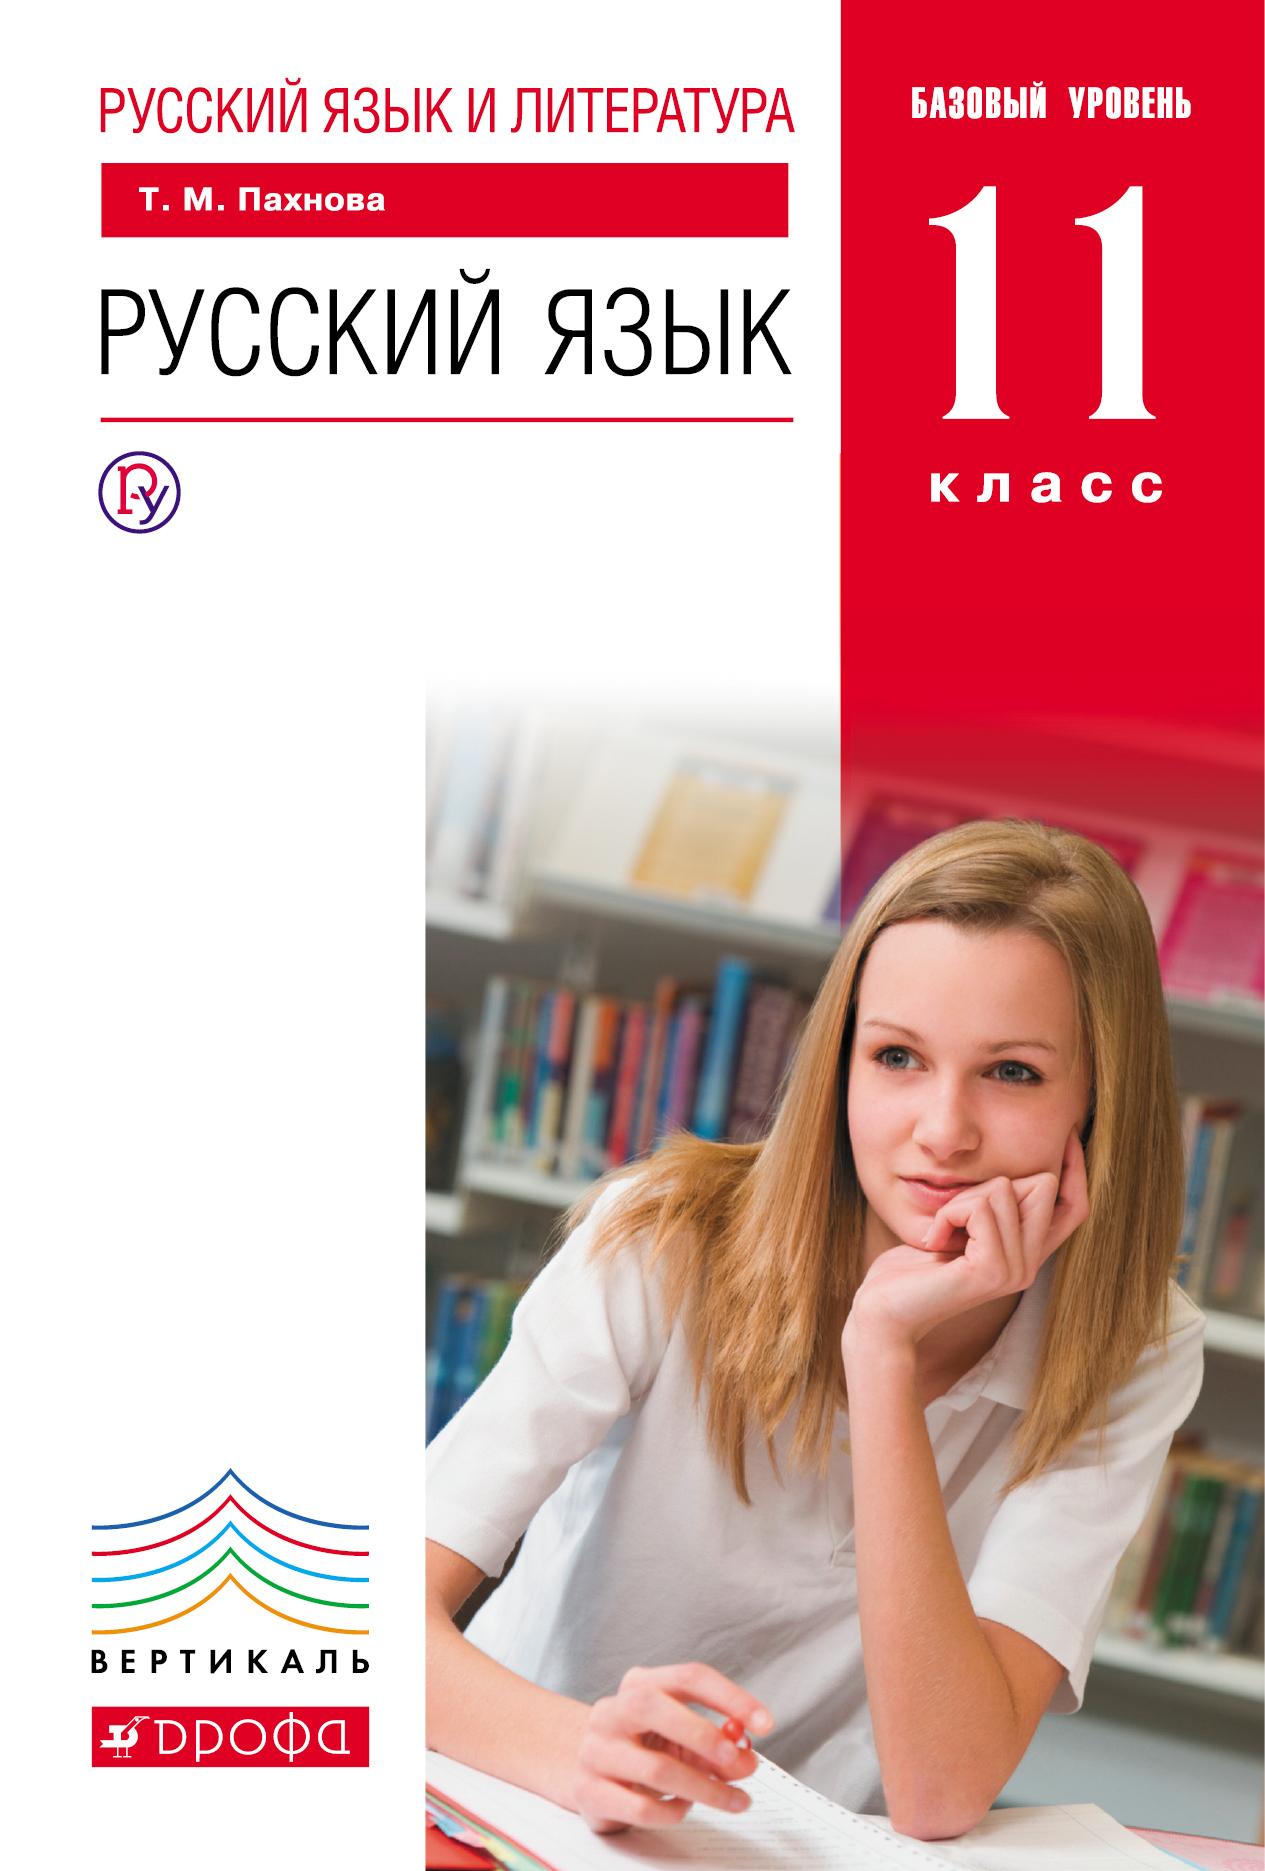 Русский язык и литература. Русский язык. 11 класс. Базовый уровень.Учебник ВЕРТИКАЛЬ